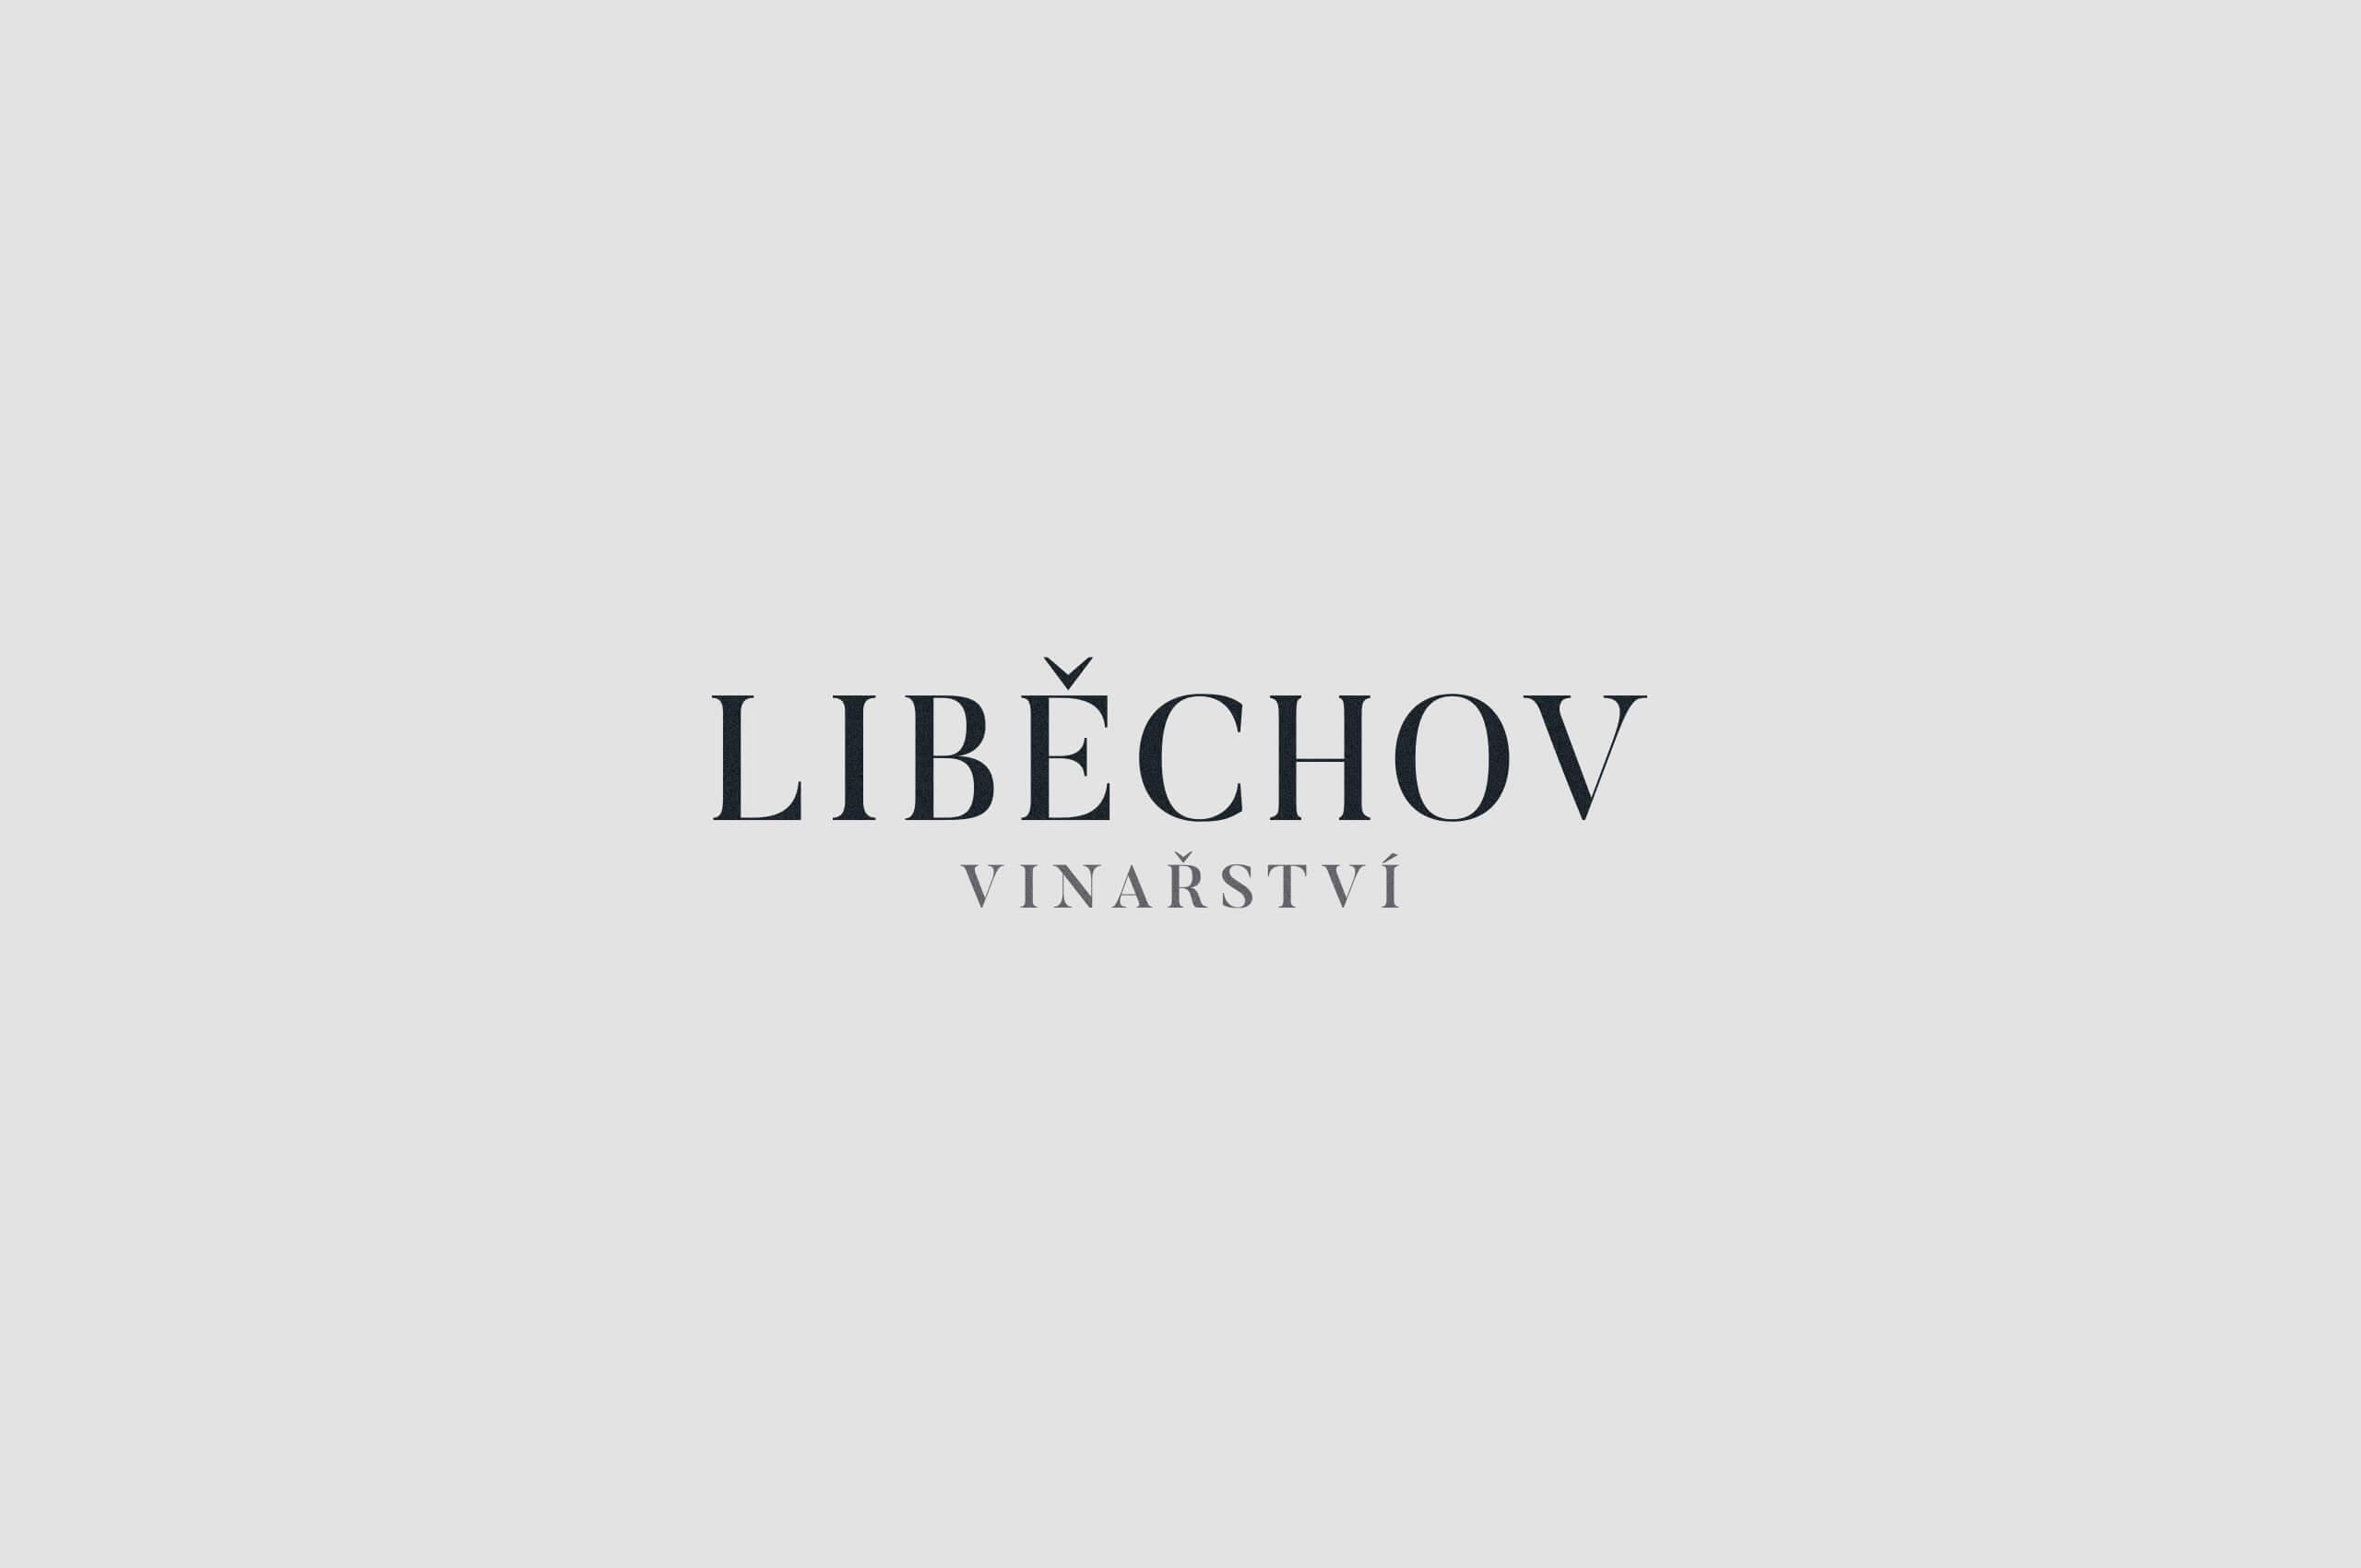 libechov-ver2-1